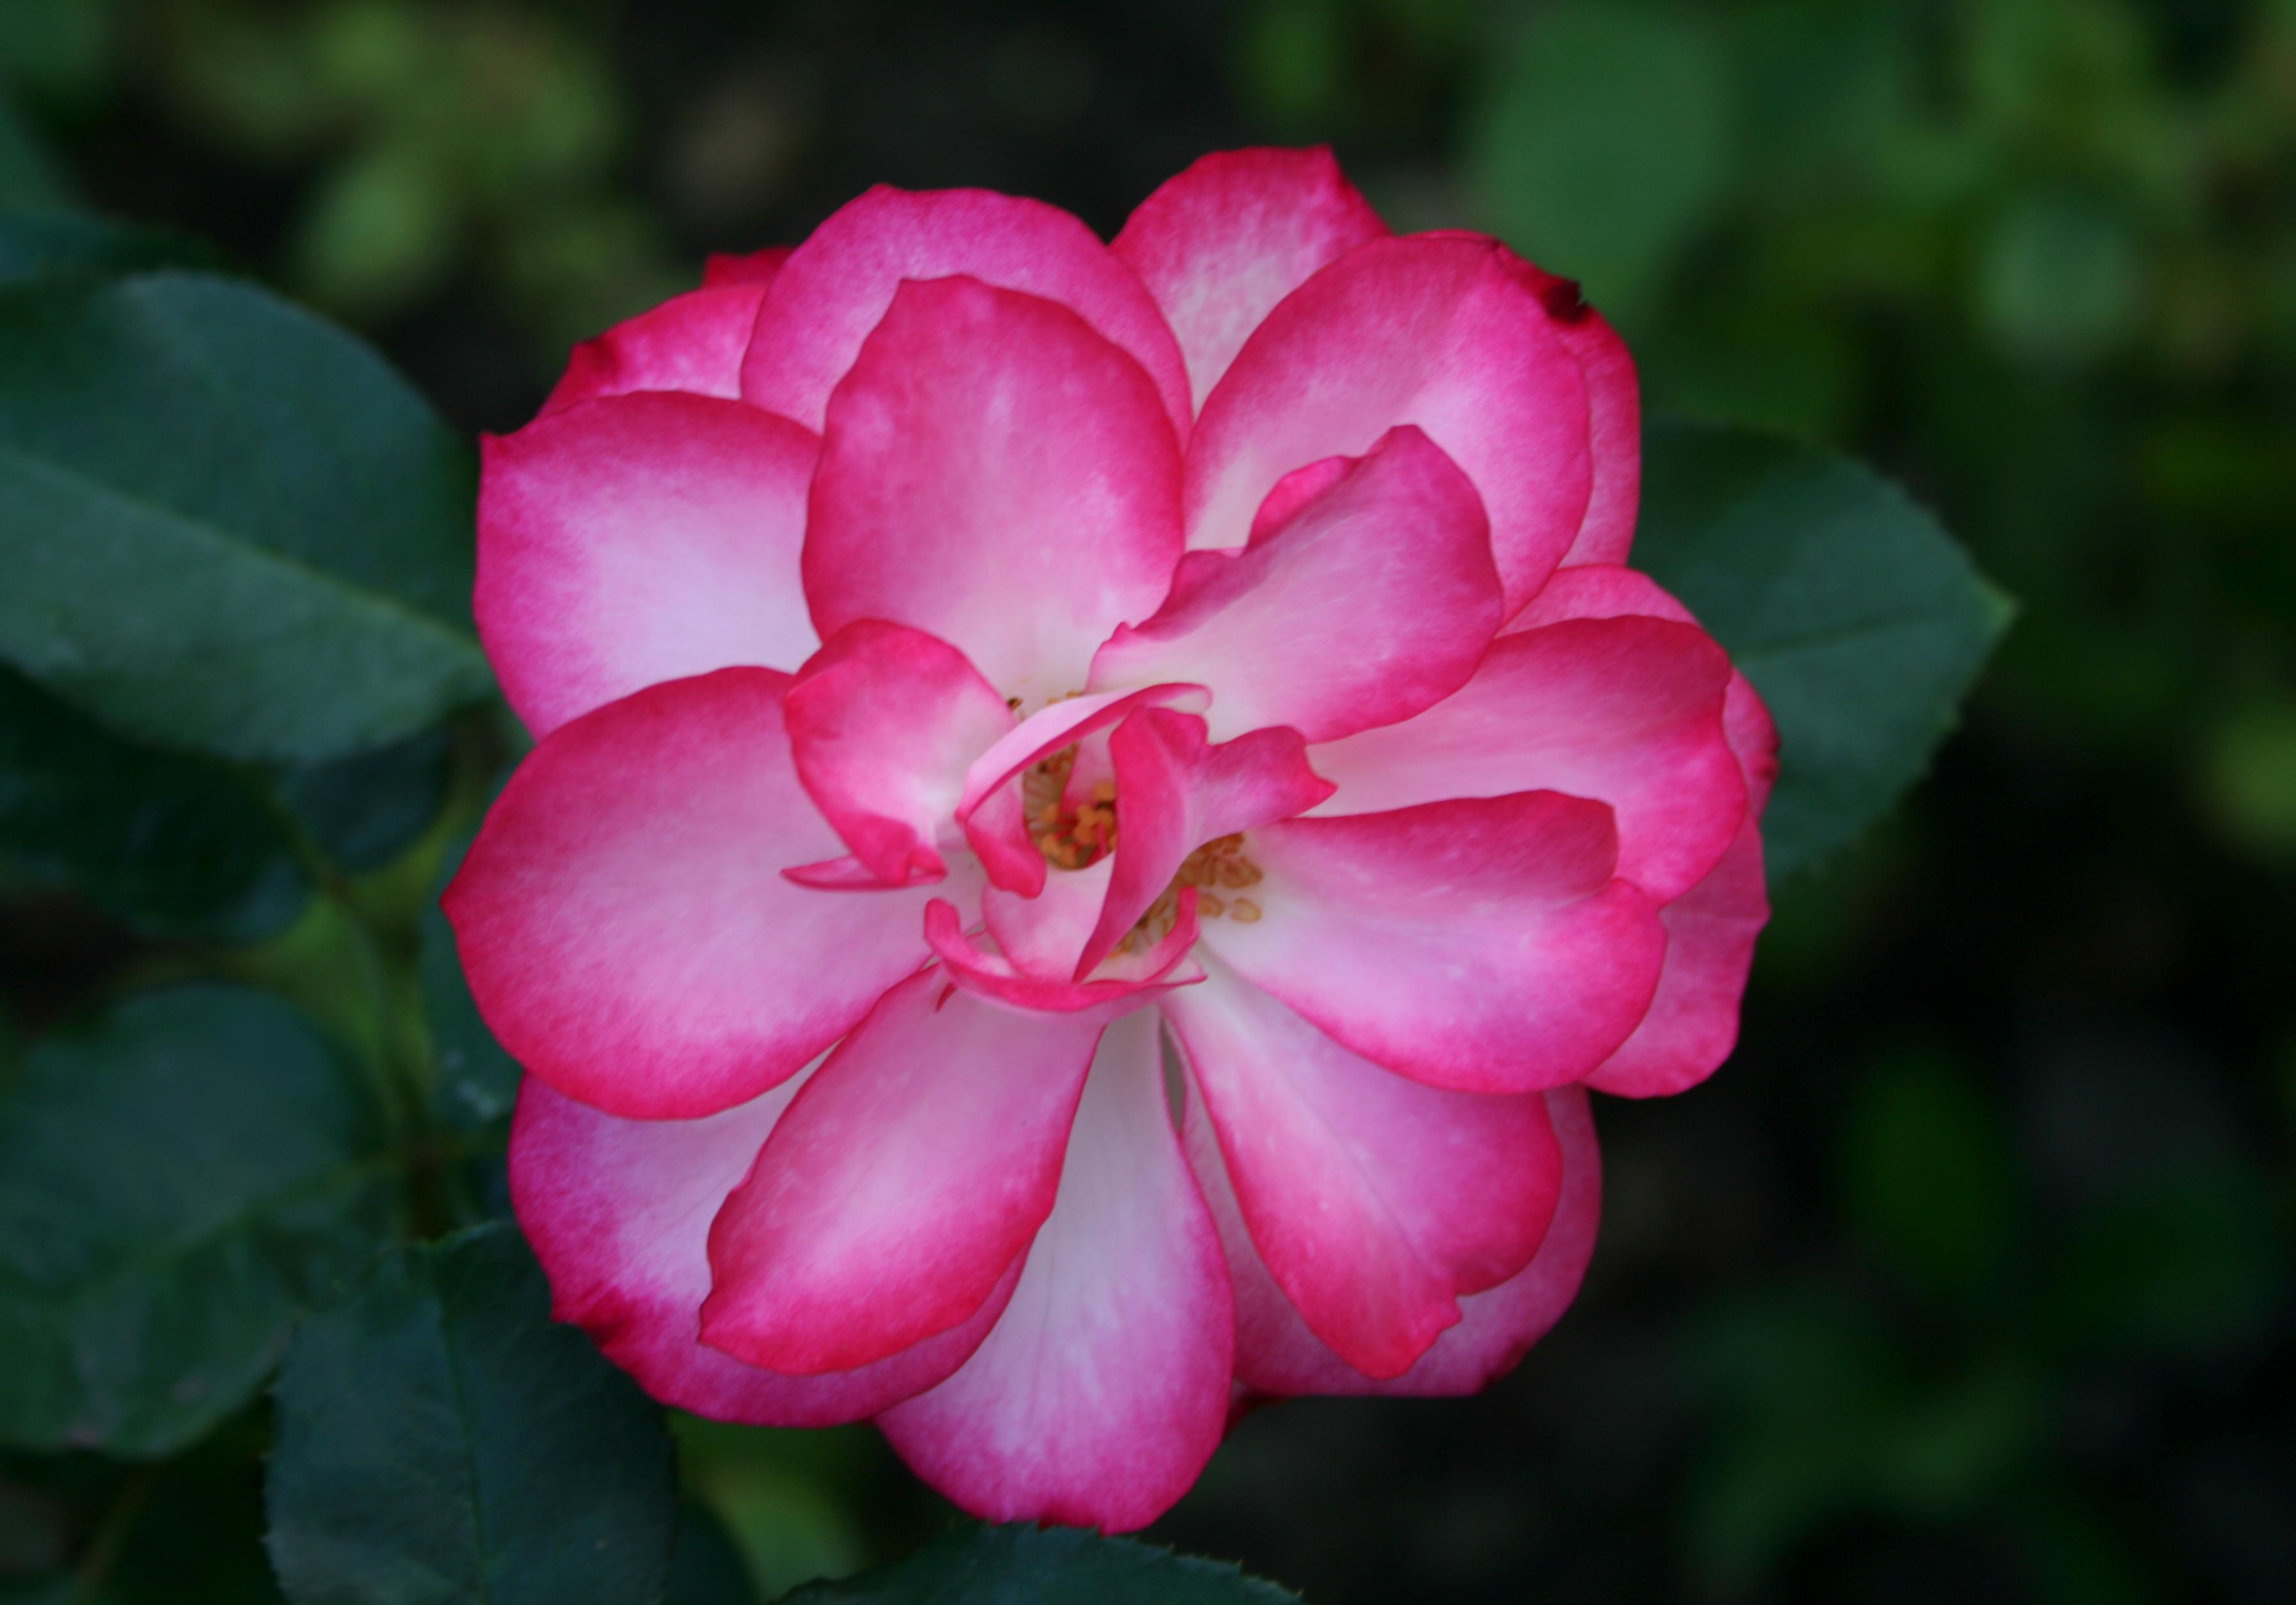 How a rose looks like ...